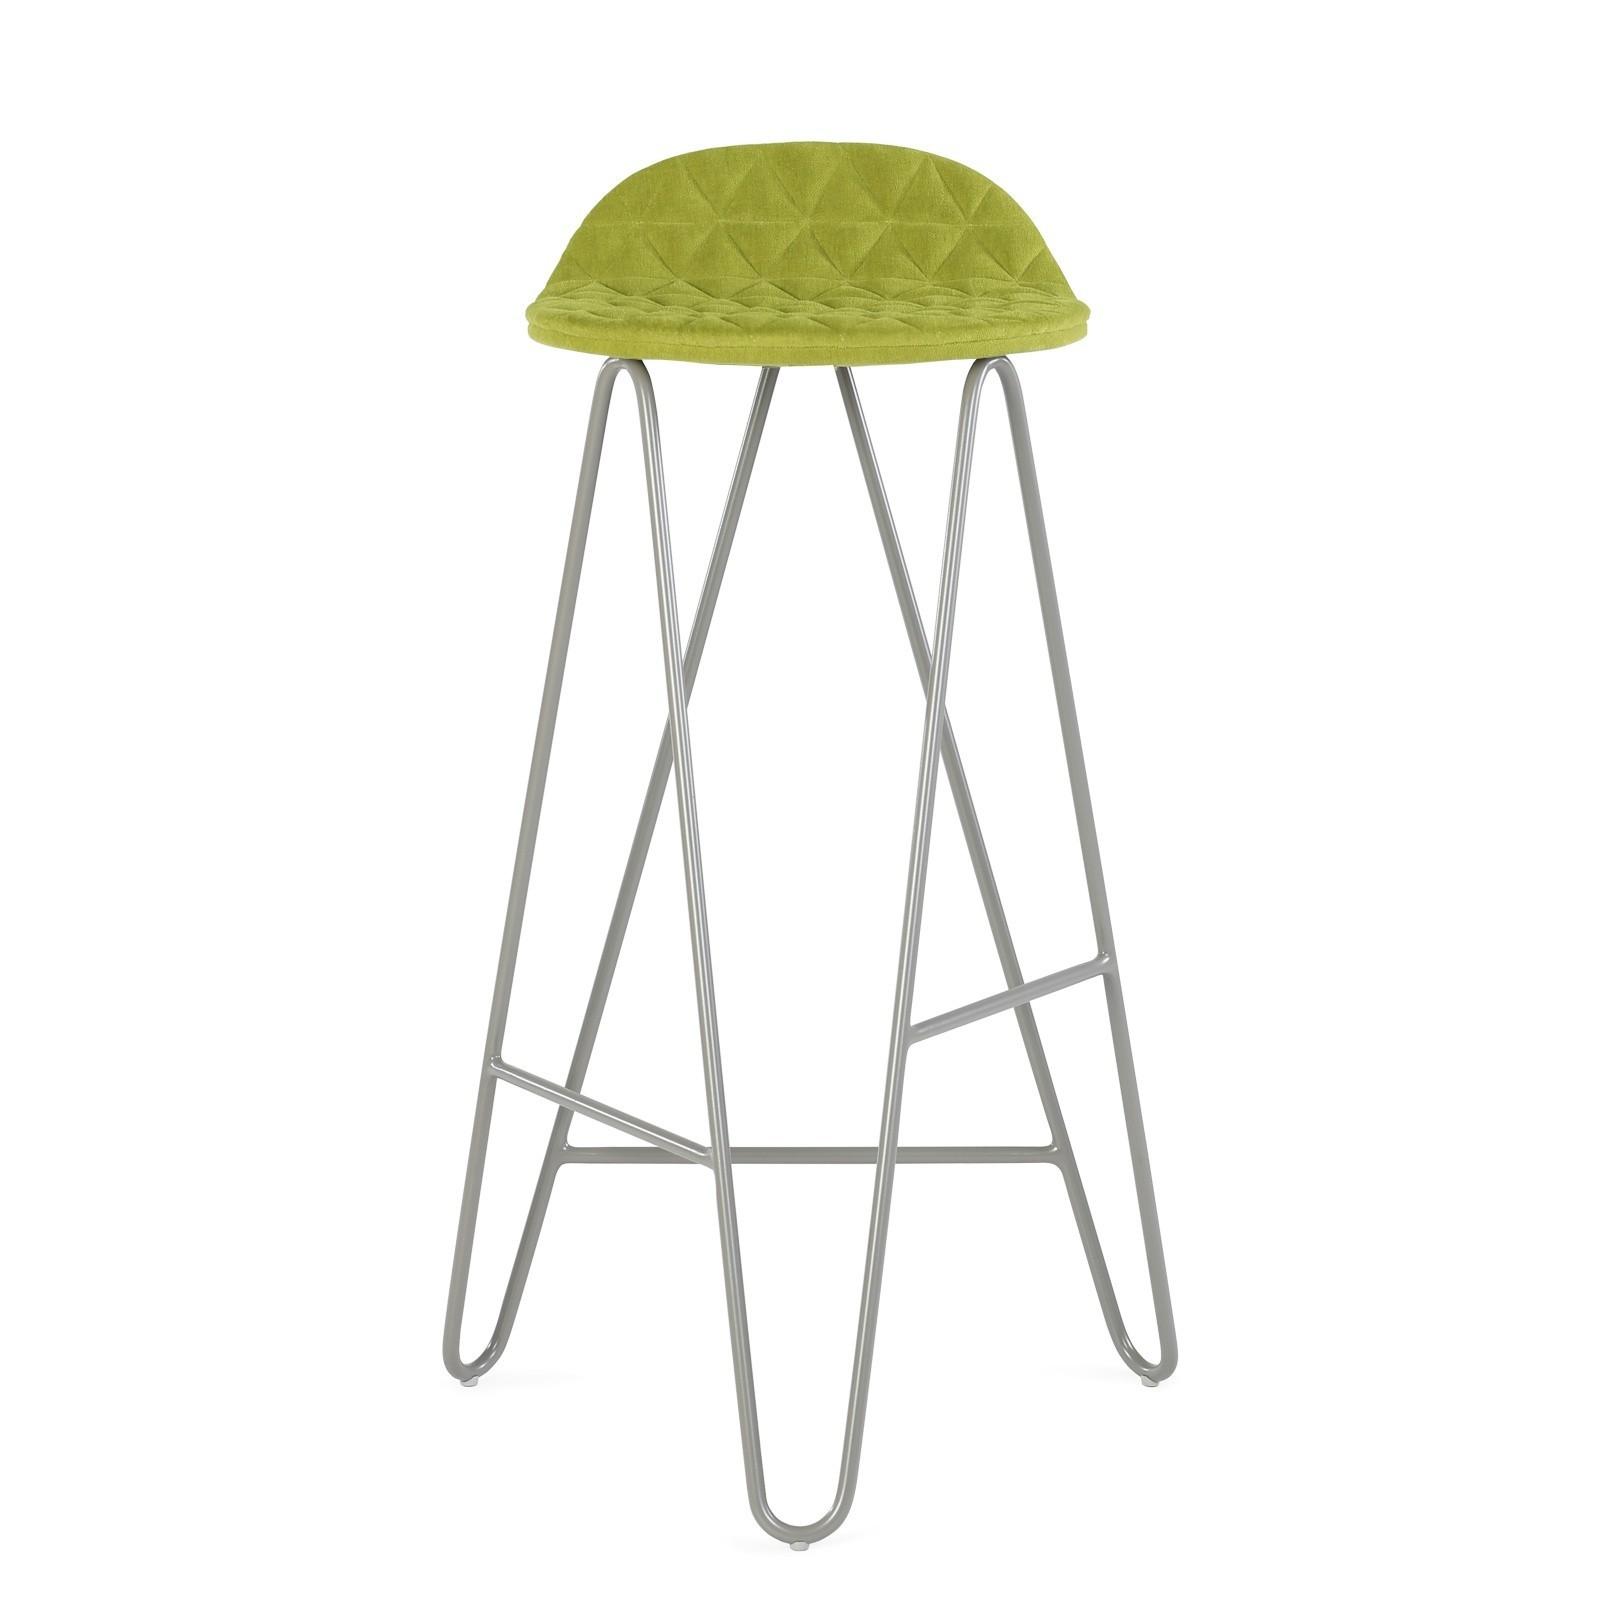 Hoker MannequinBar - 02 - zielony